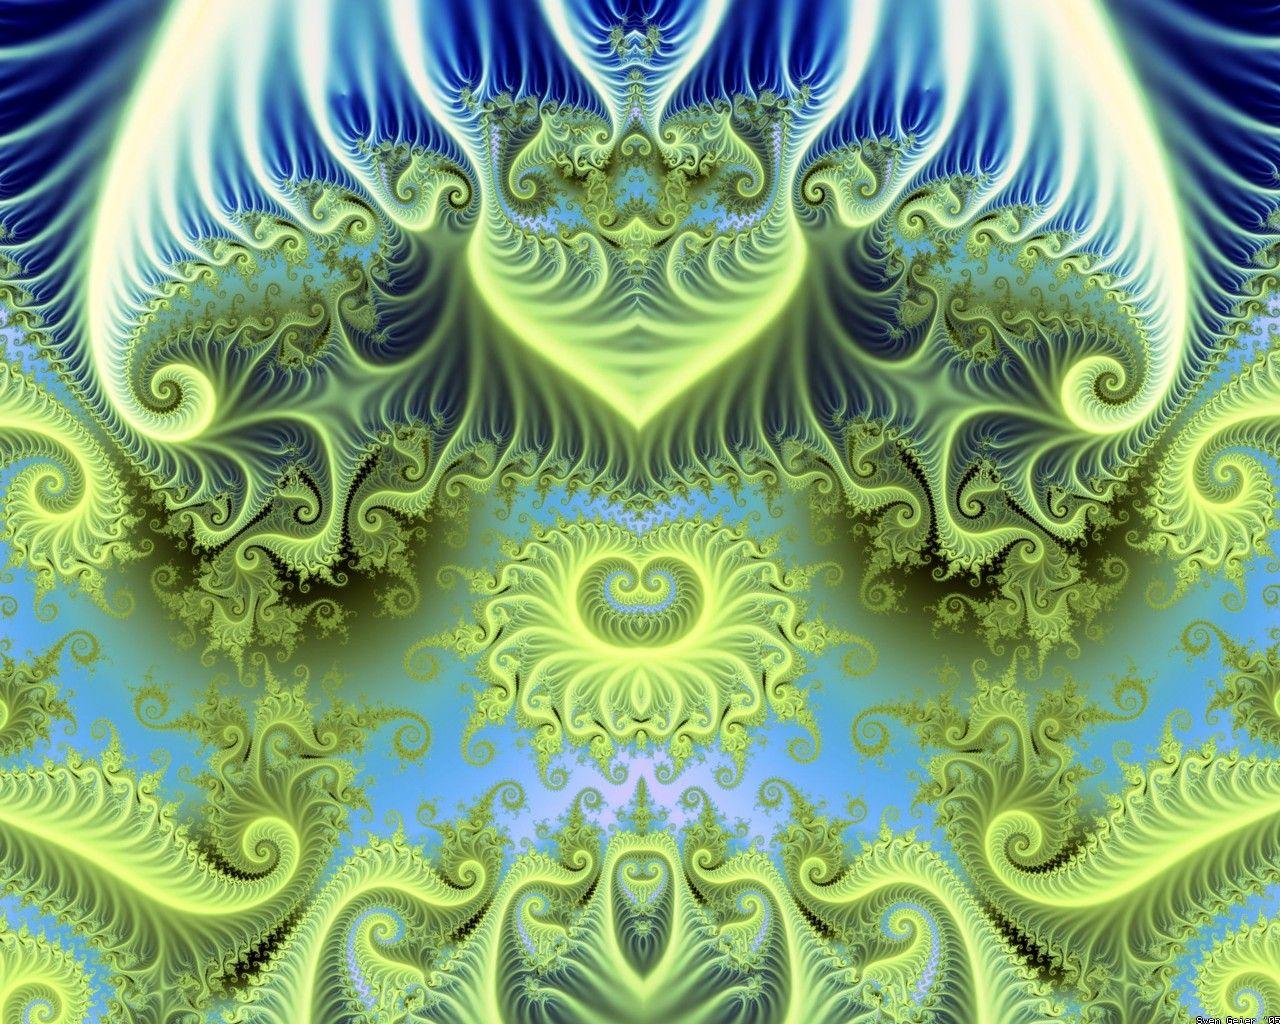 http://2.bp.blogspot.com/-yM1ItF2db5Y/T7G0KjPLCcI/AAAAAAAACNI/zj511s6-3Lc/s1600/psychedelic+wallpaper+desktop+trippy+image.jpg